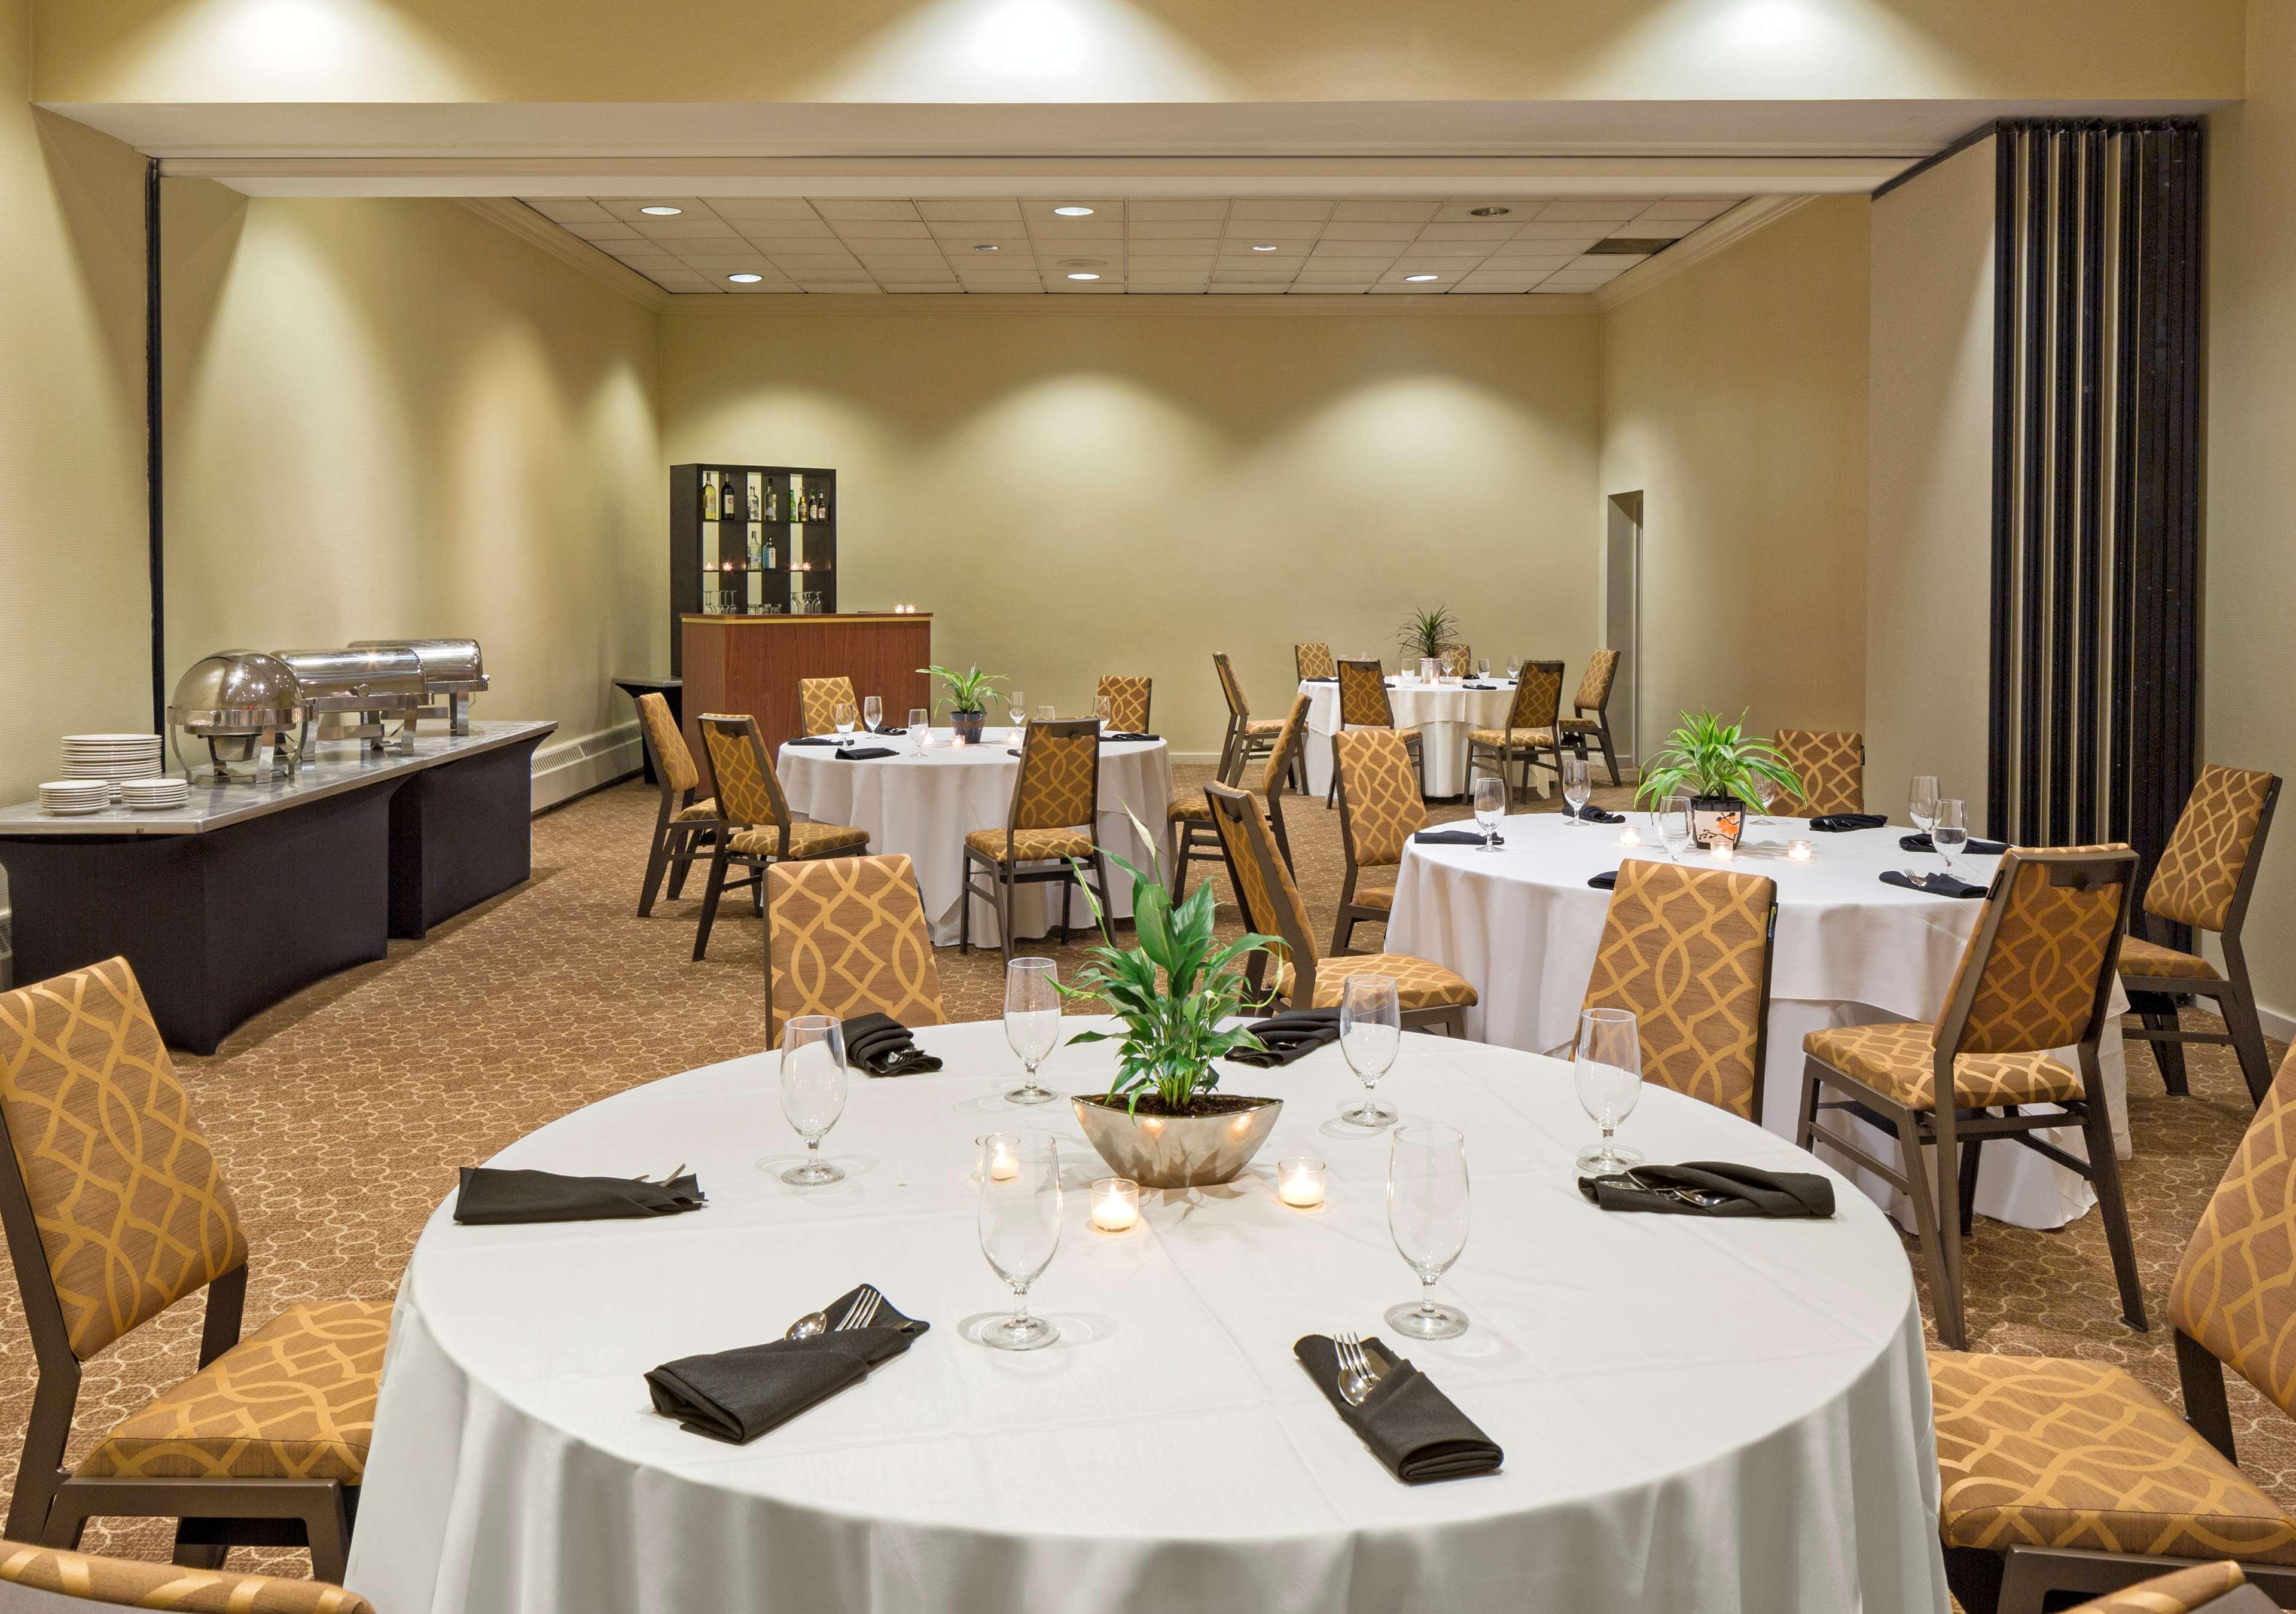 Sheraton Harrisburg Hershey Hotel image 17